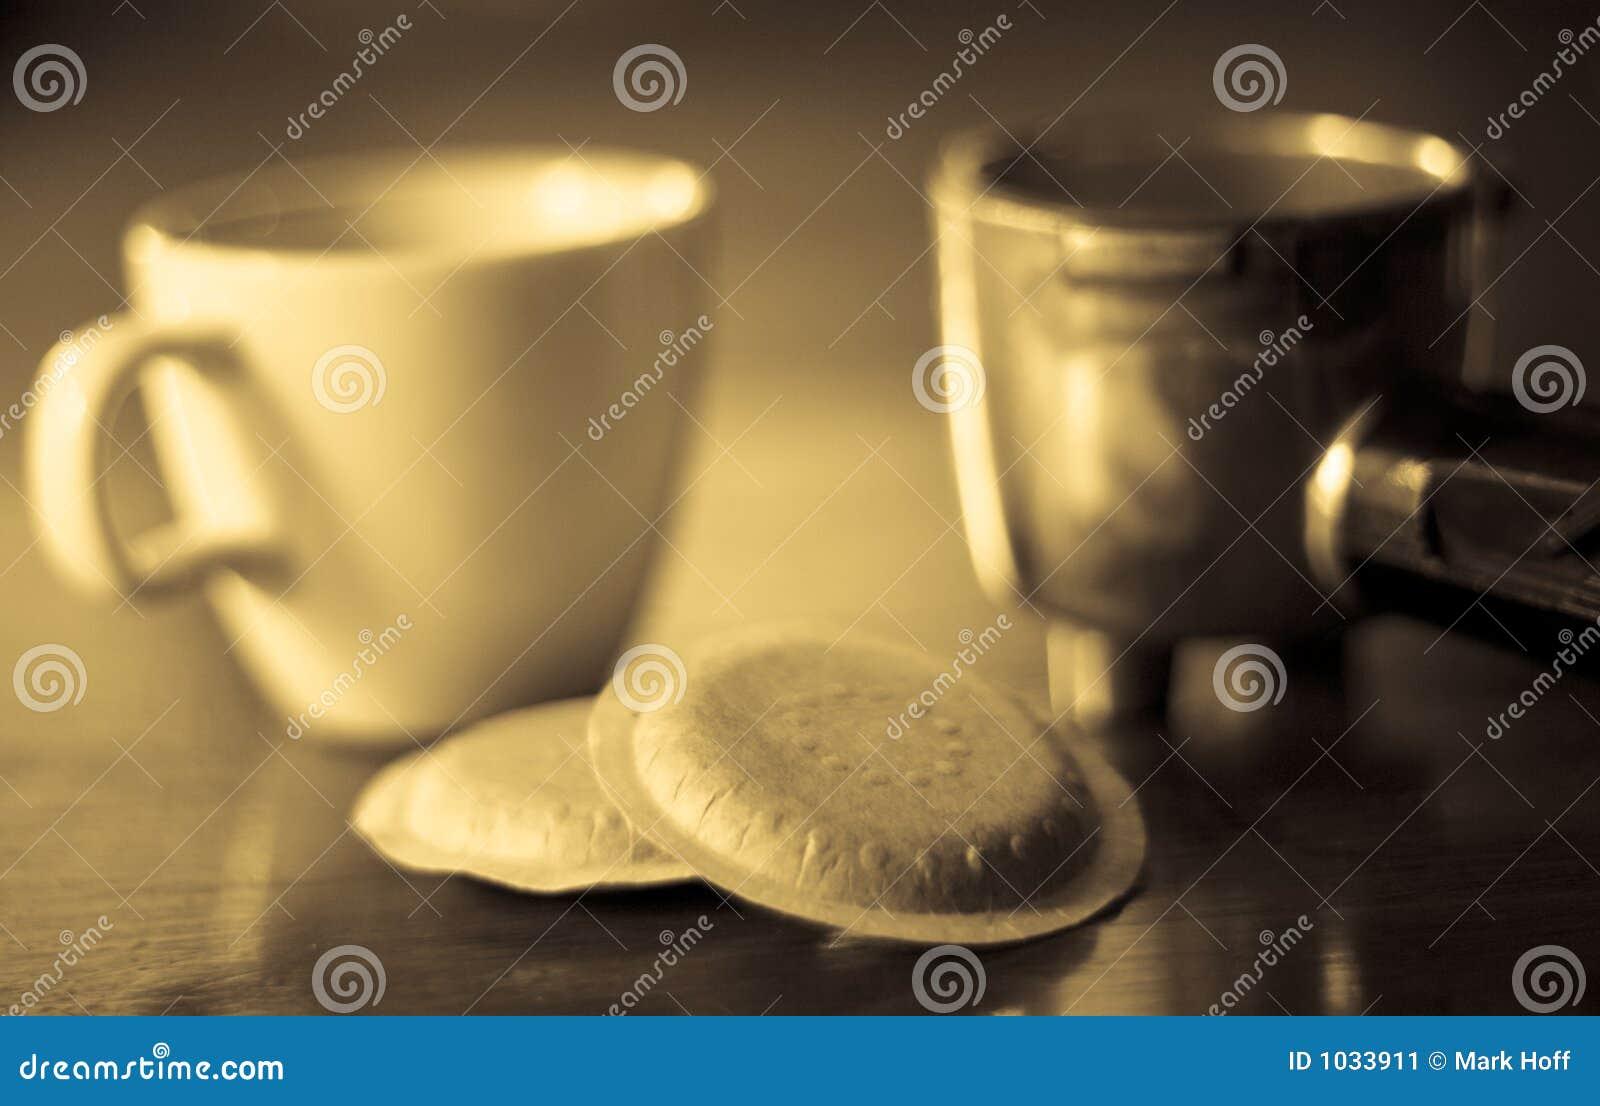 Vagens do café